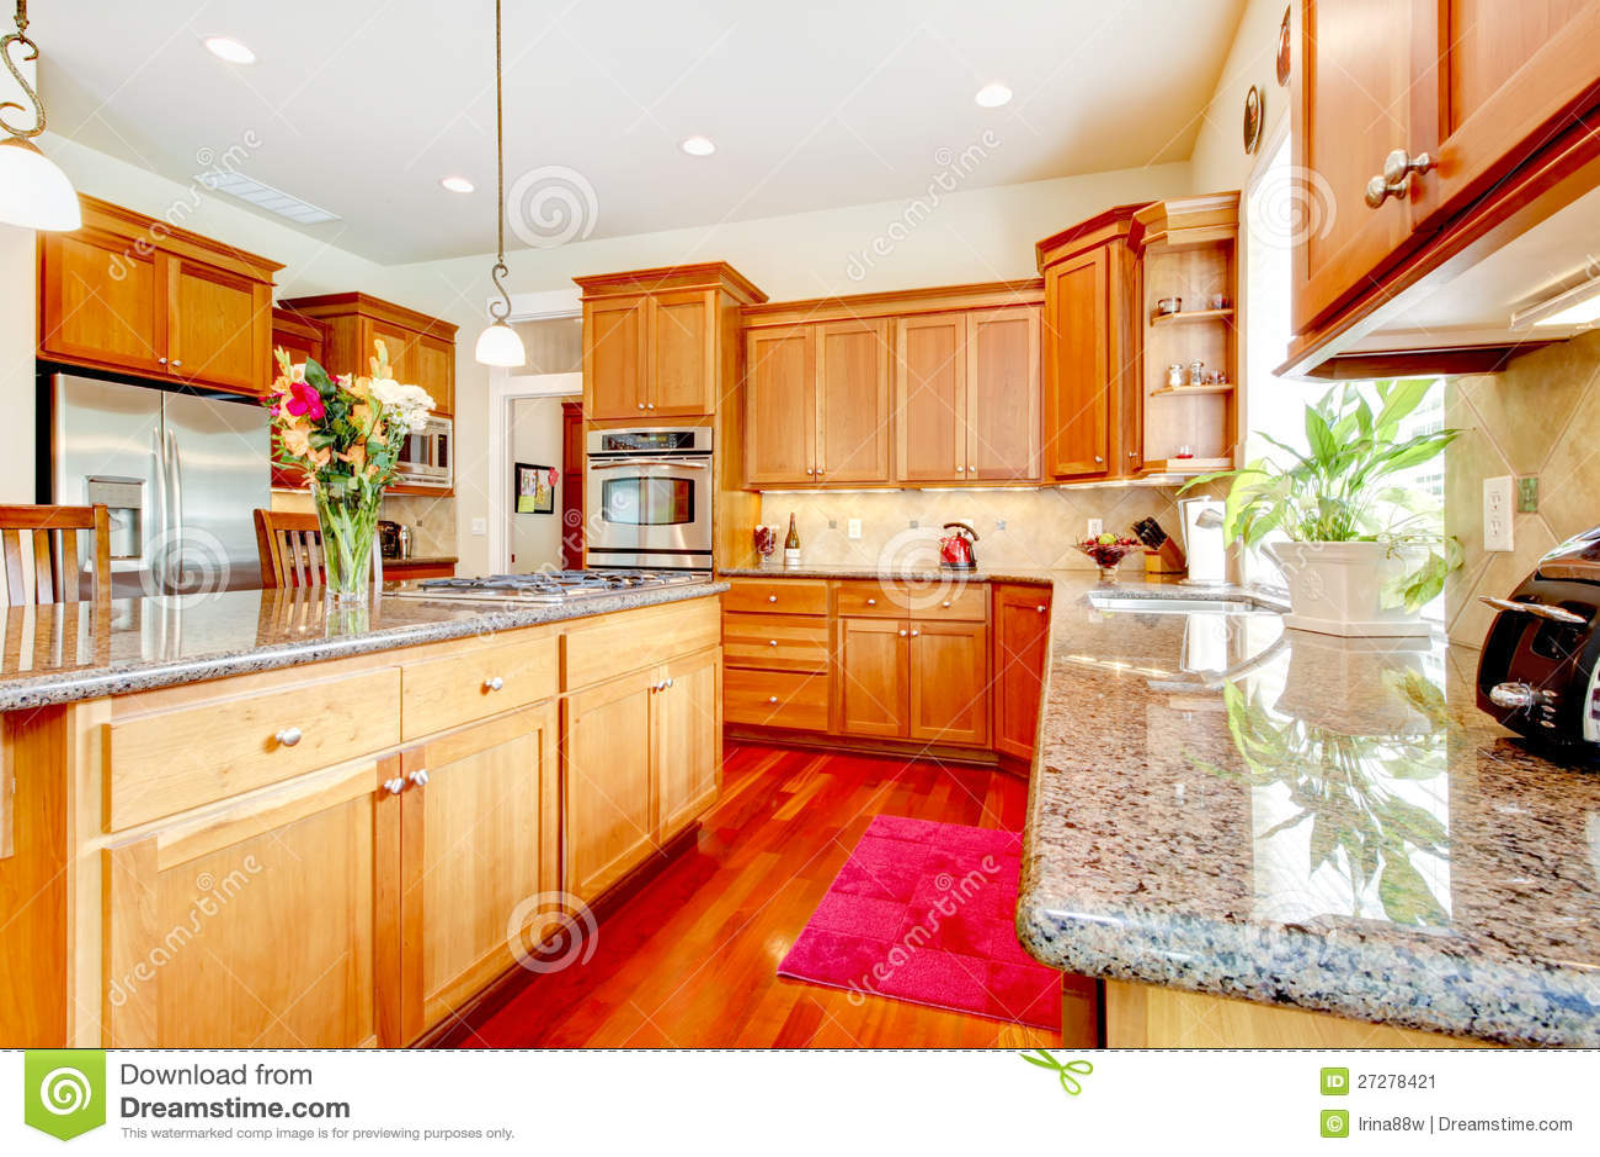 Grande cuisine de luxe en bois avec le rouge et le granit image stock image 27278421 - Cuisine de luxe americaine ...